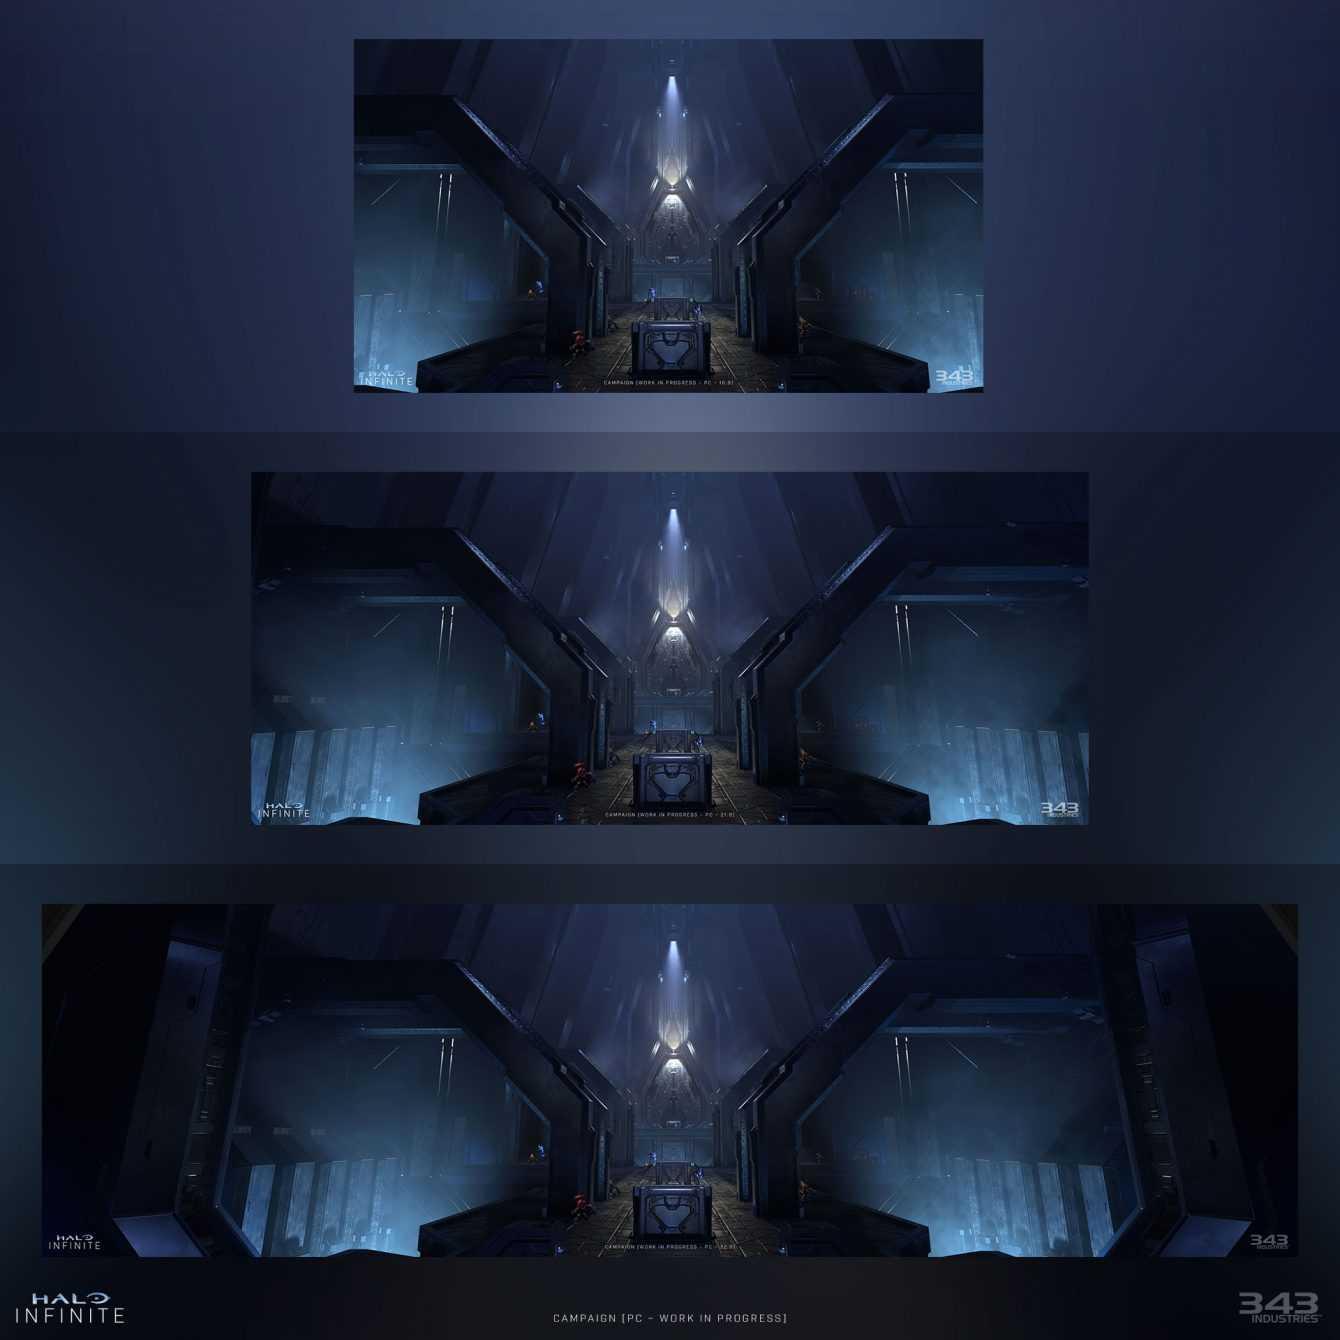 Halo Infinite: 343 Industries mostra nuove immagini del gioco